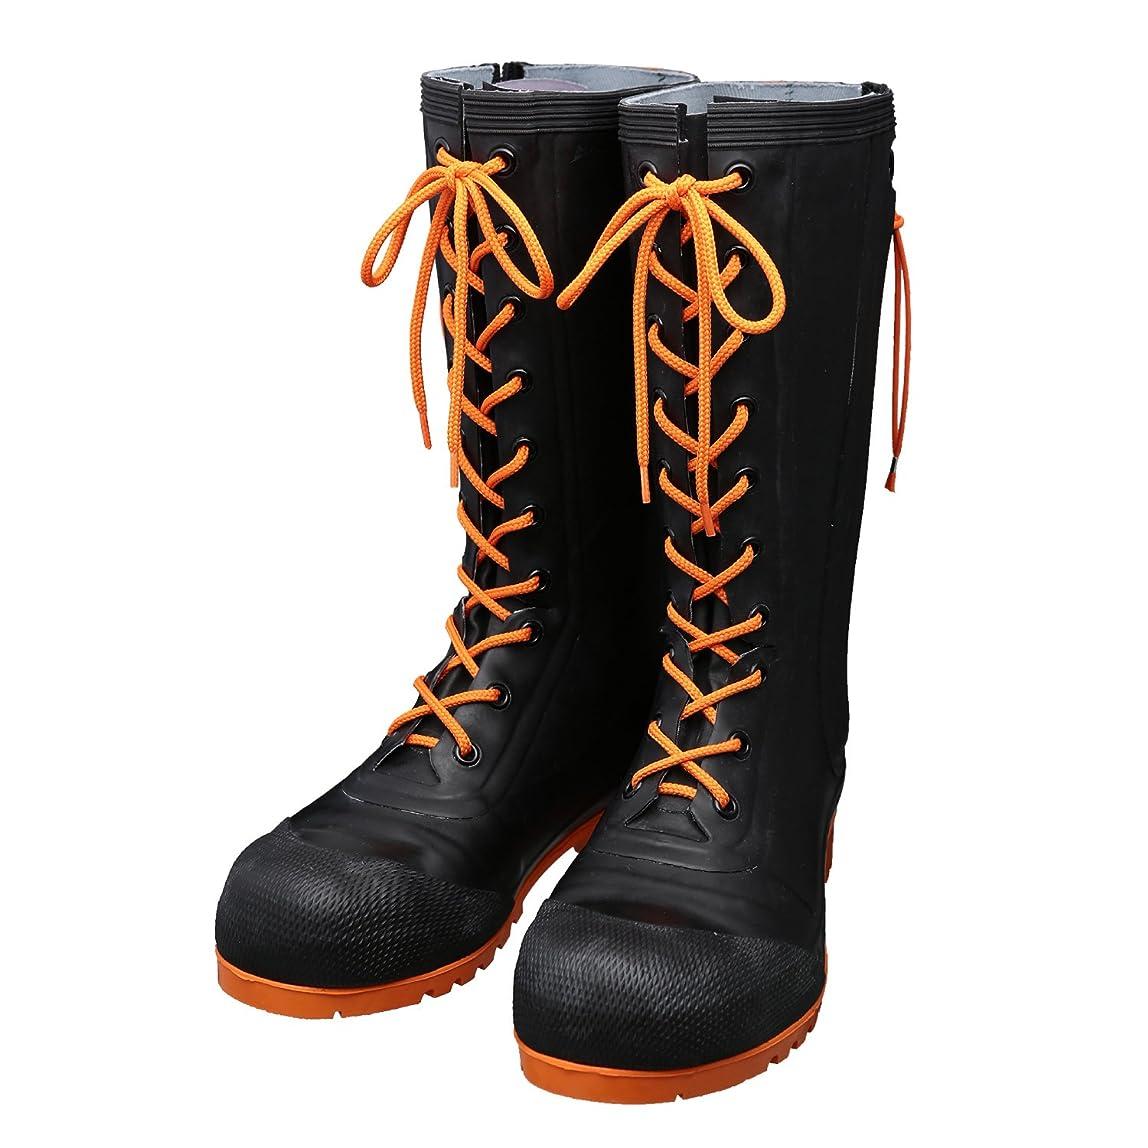 好戦的なマリナー永久AB090(ブラック)?AB110(ブラック/オレンジ) 安全編上?靴 HSS-001